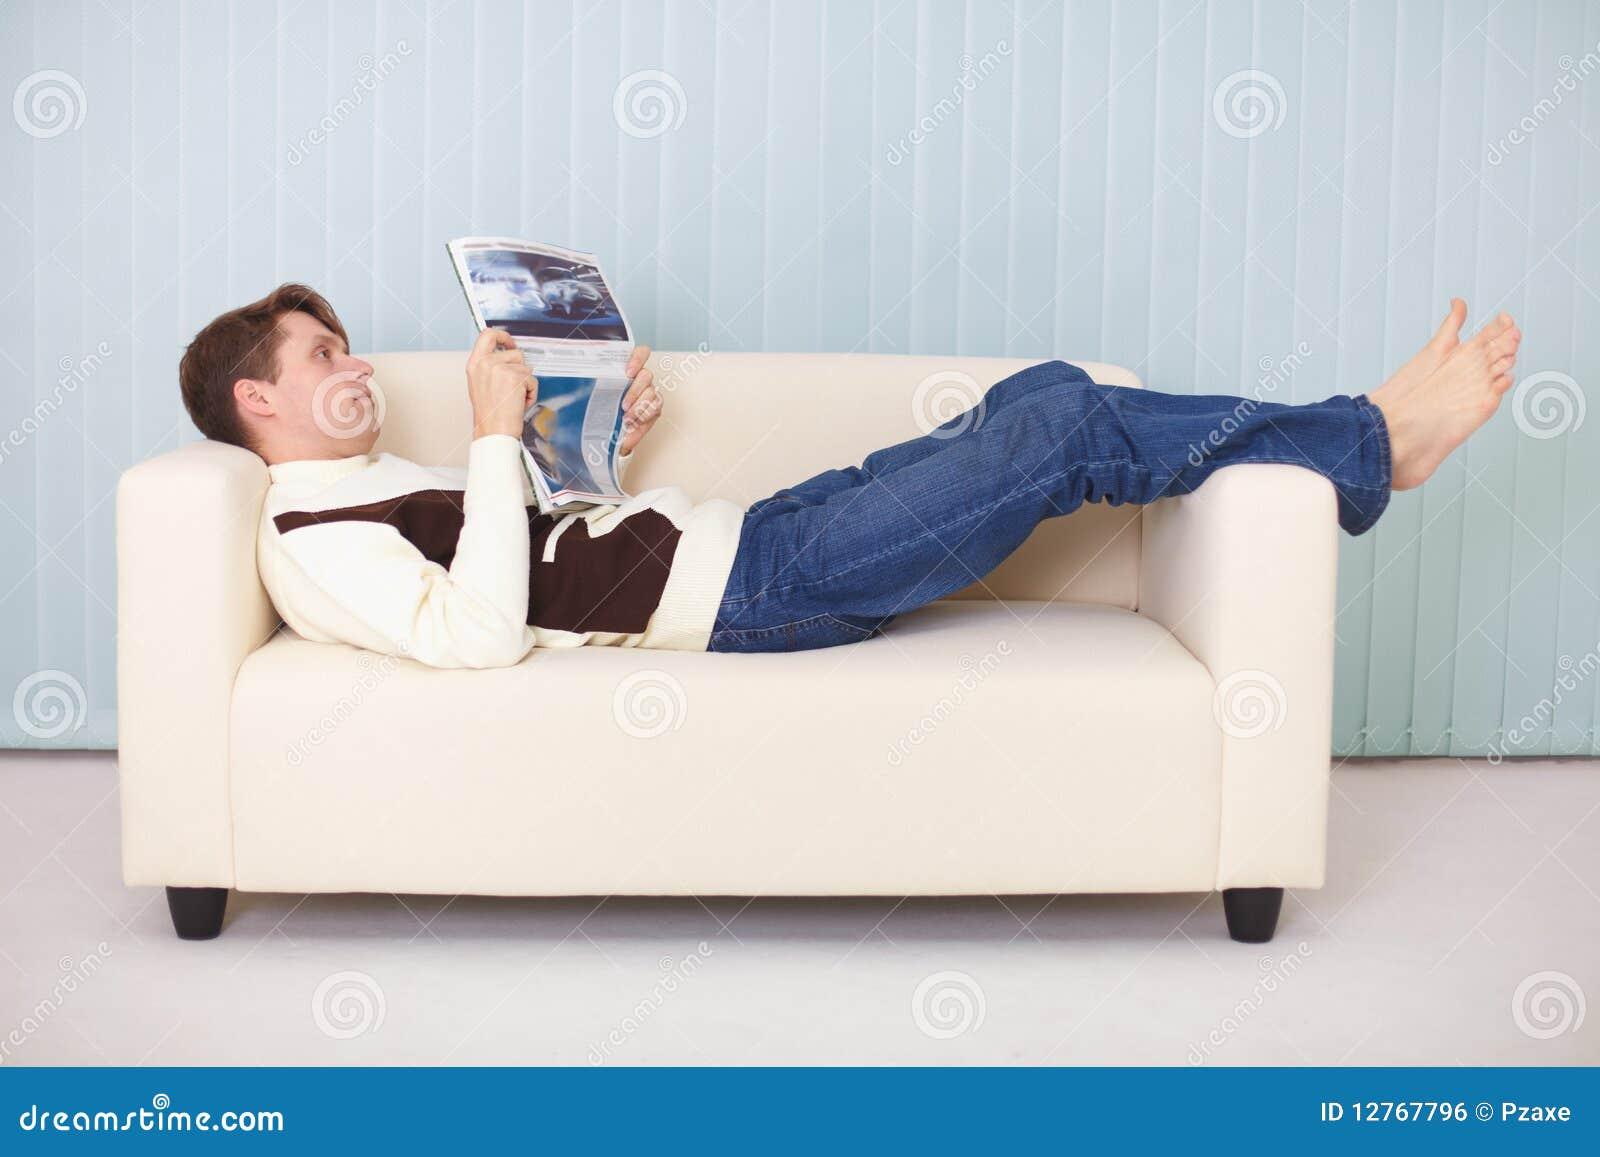 Фото мужик лежит на диване 15 фотография